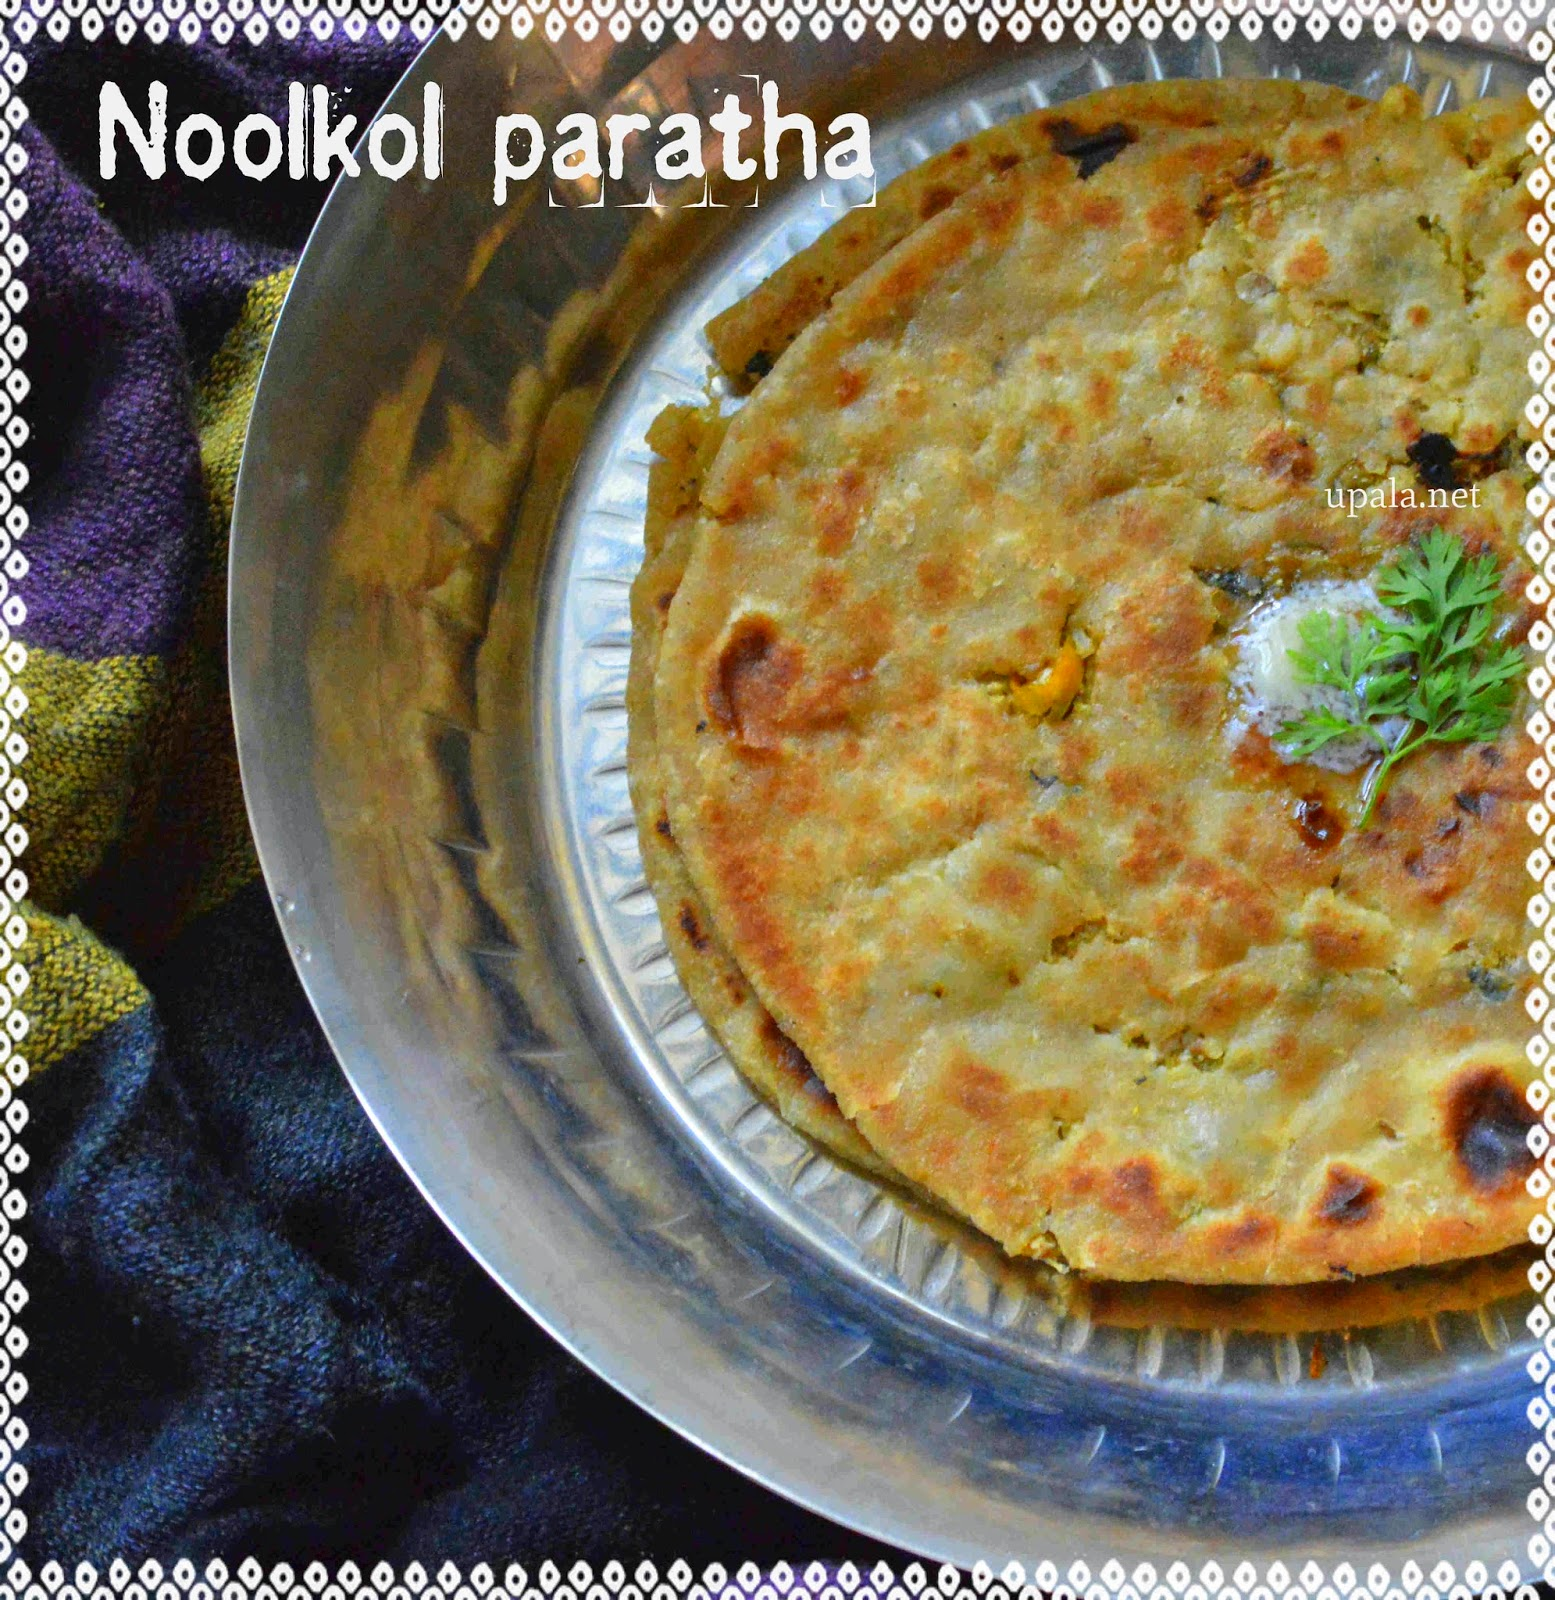 Noolkol Paratha